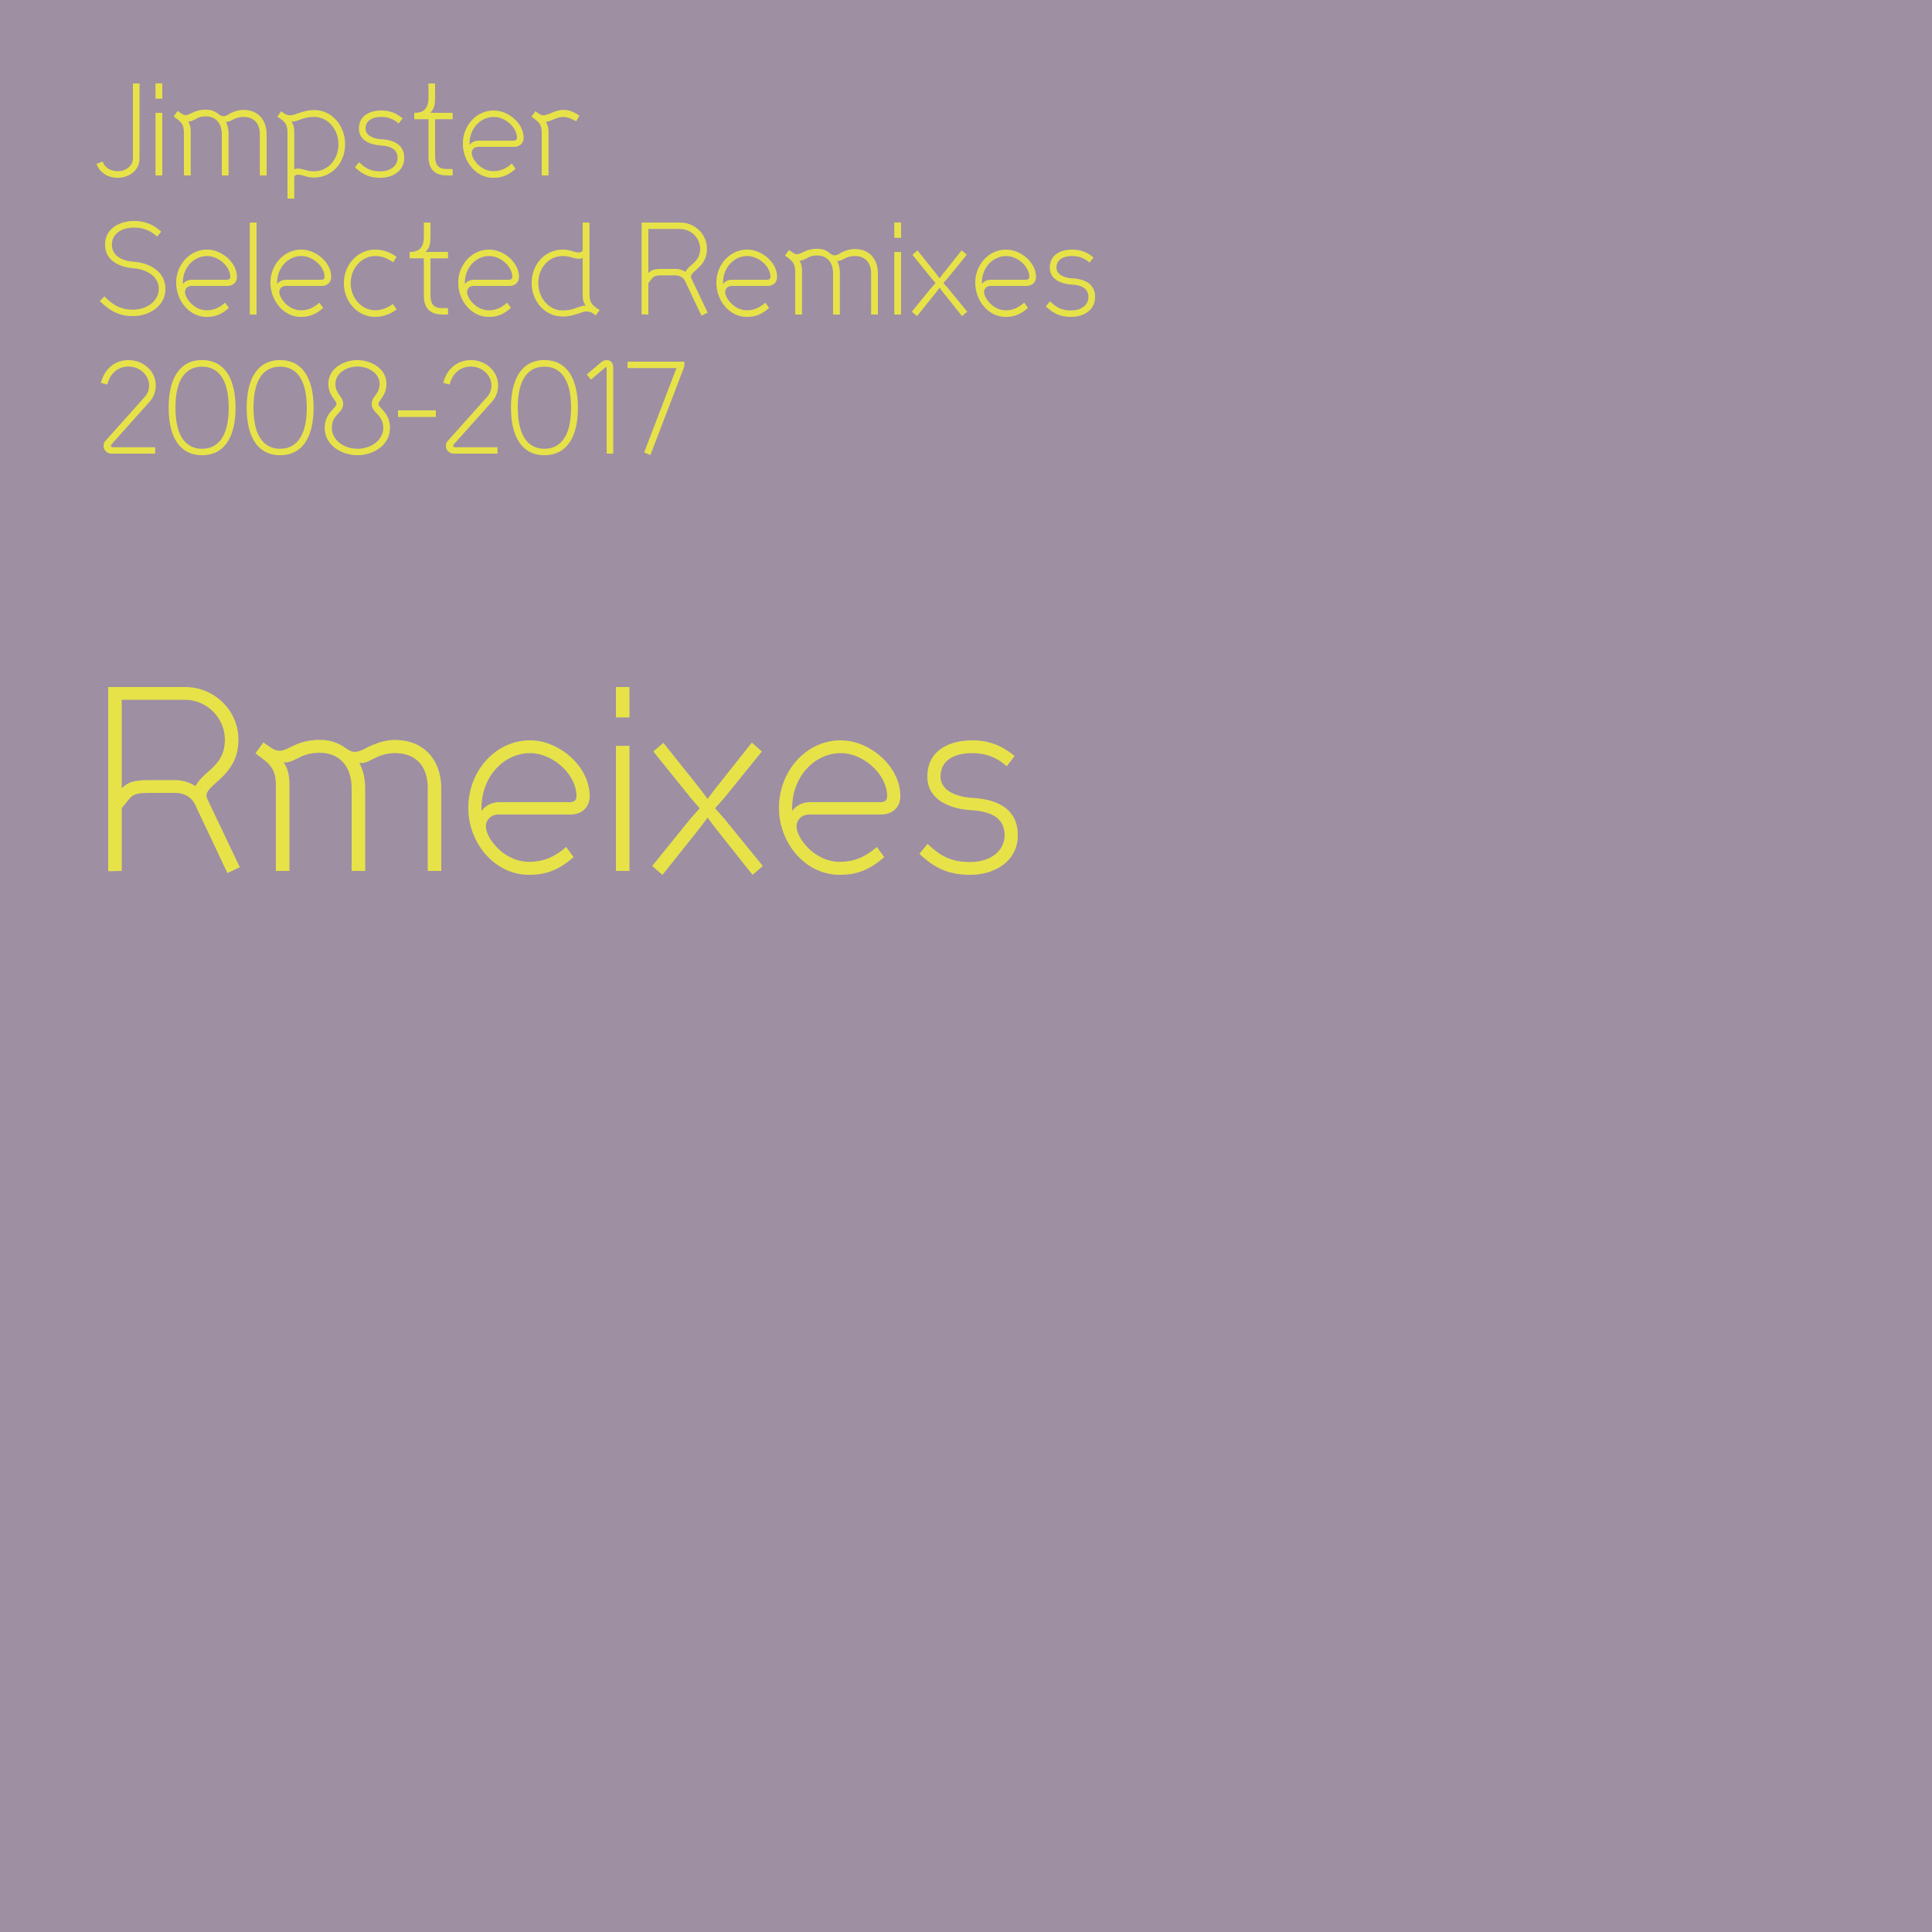 Selected Remixes 2008-2017